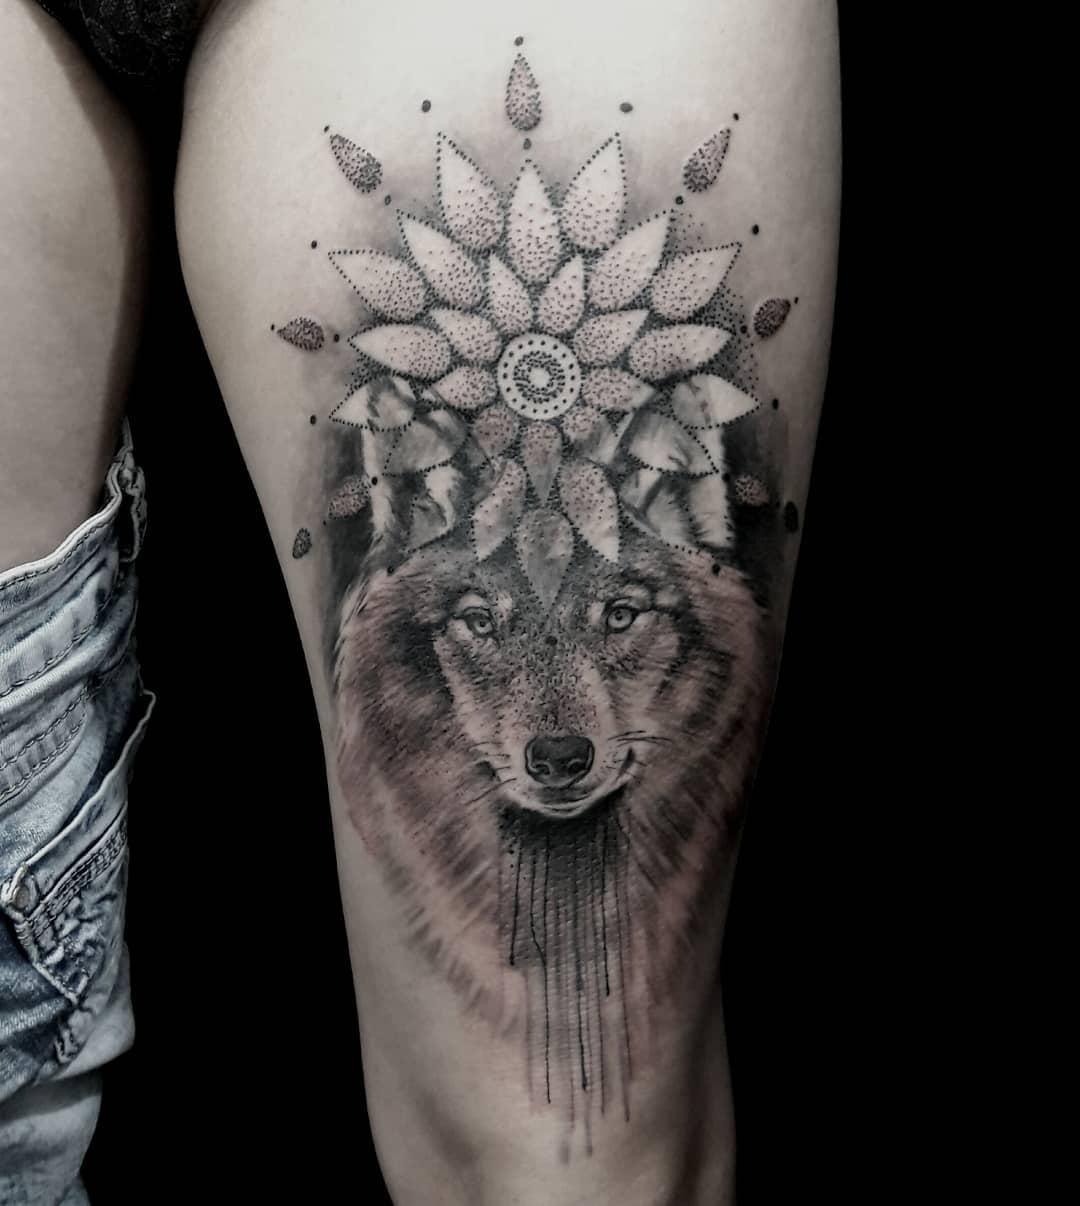 Tatuagem De Lobo 75 Ideias Incríveis A 62 é Muito Criativa